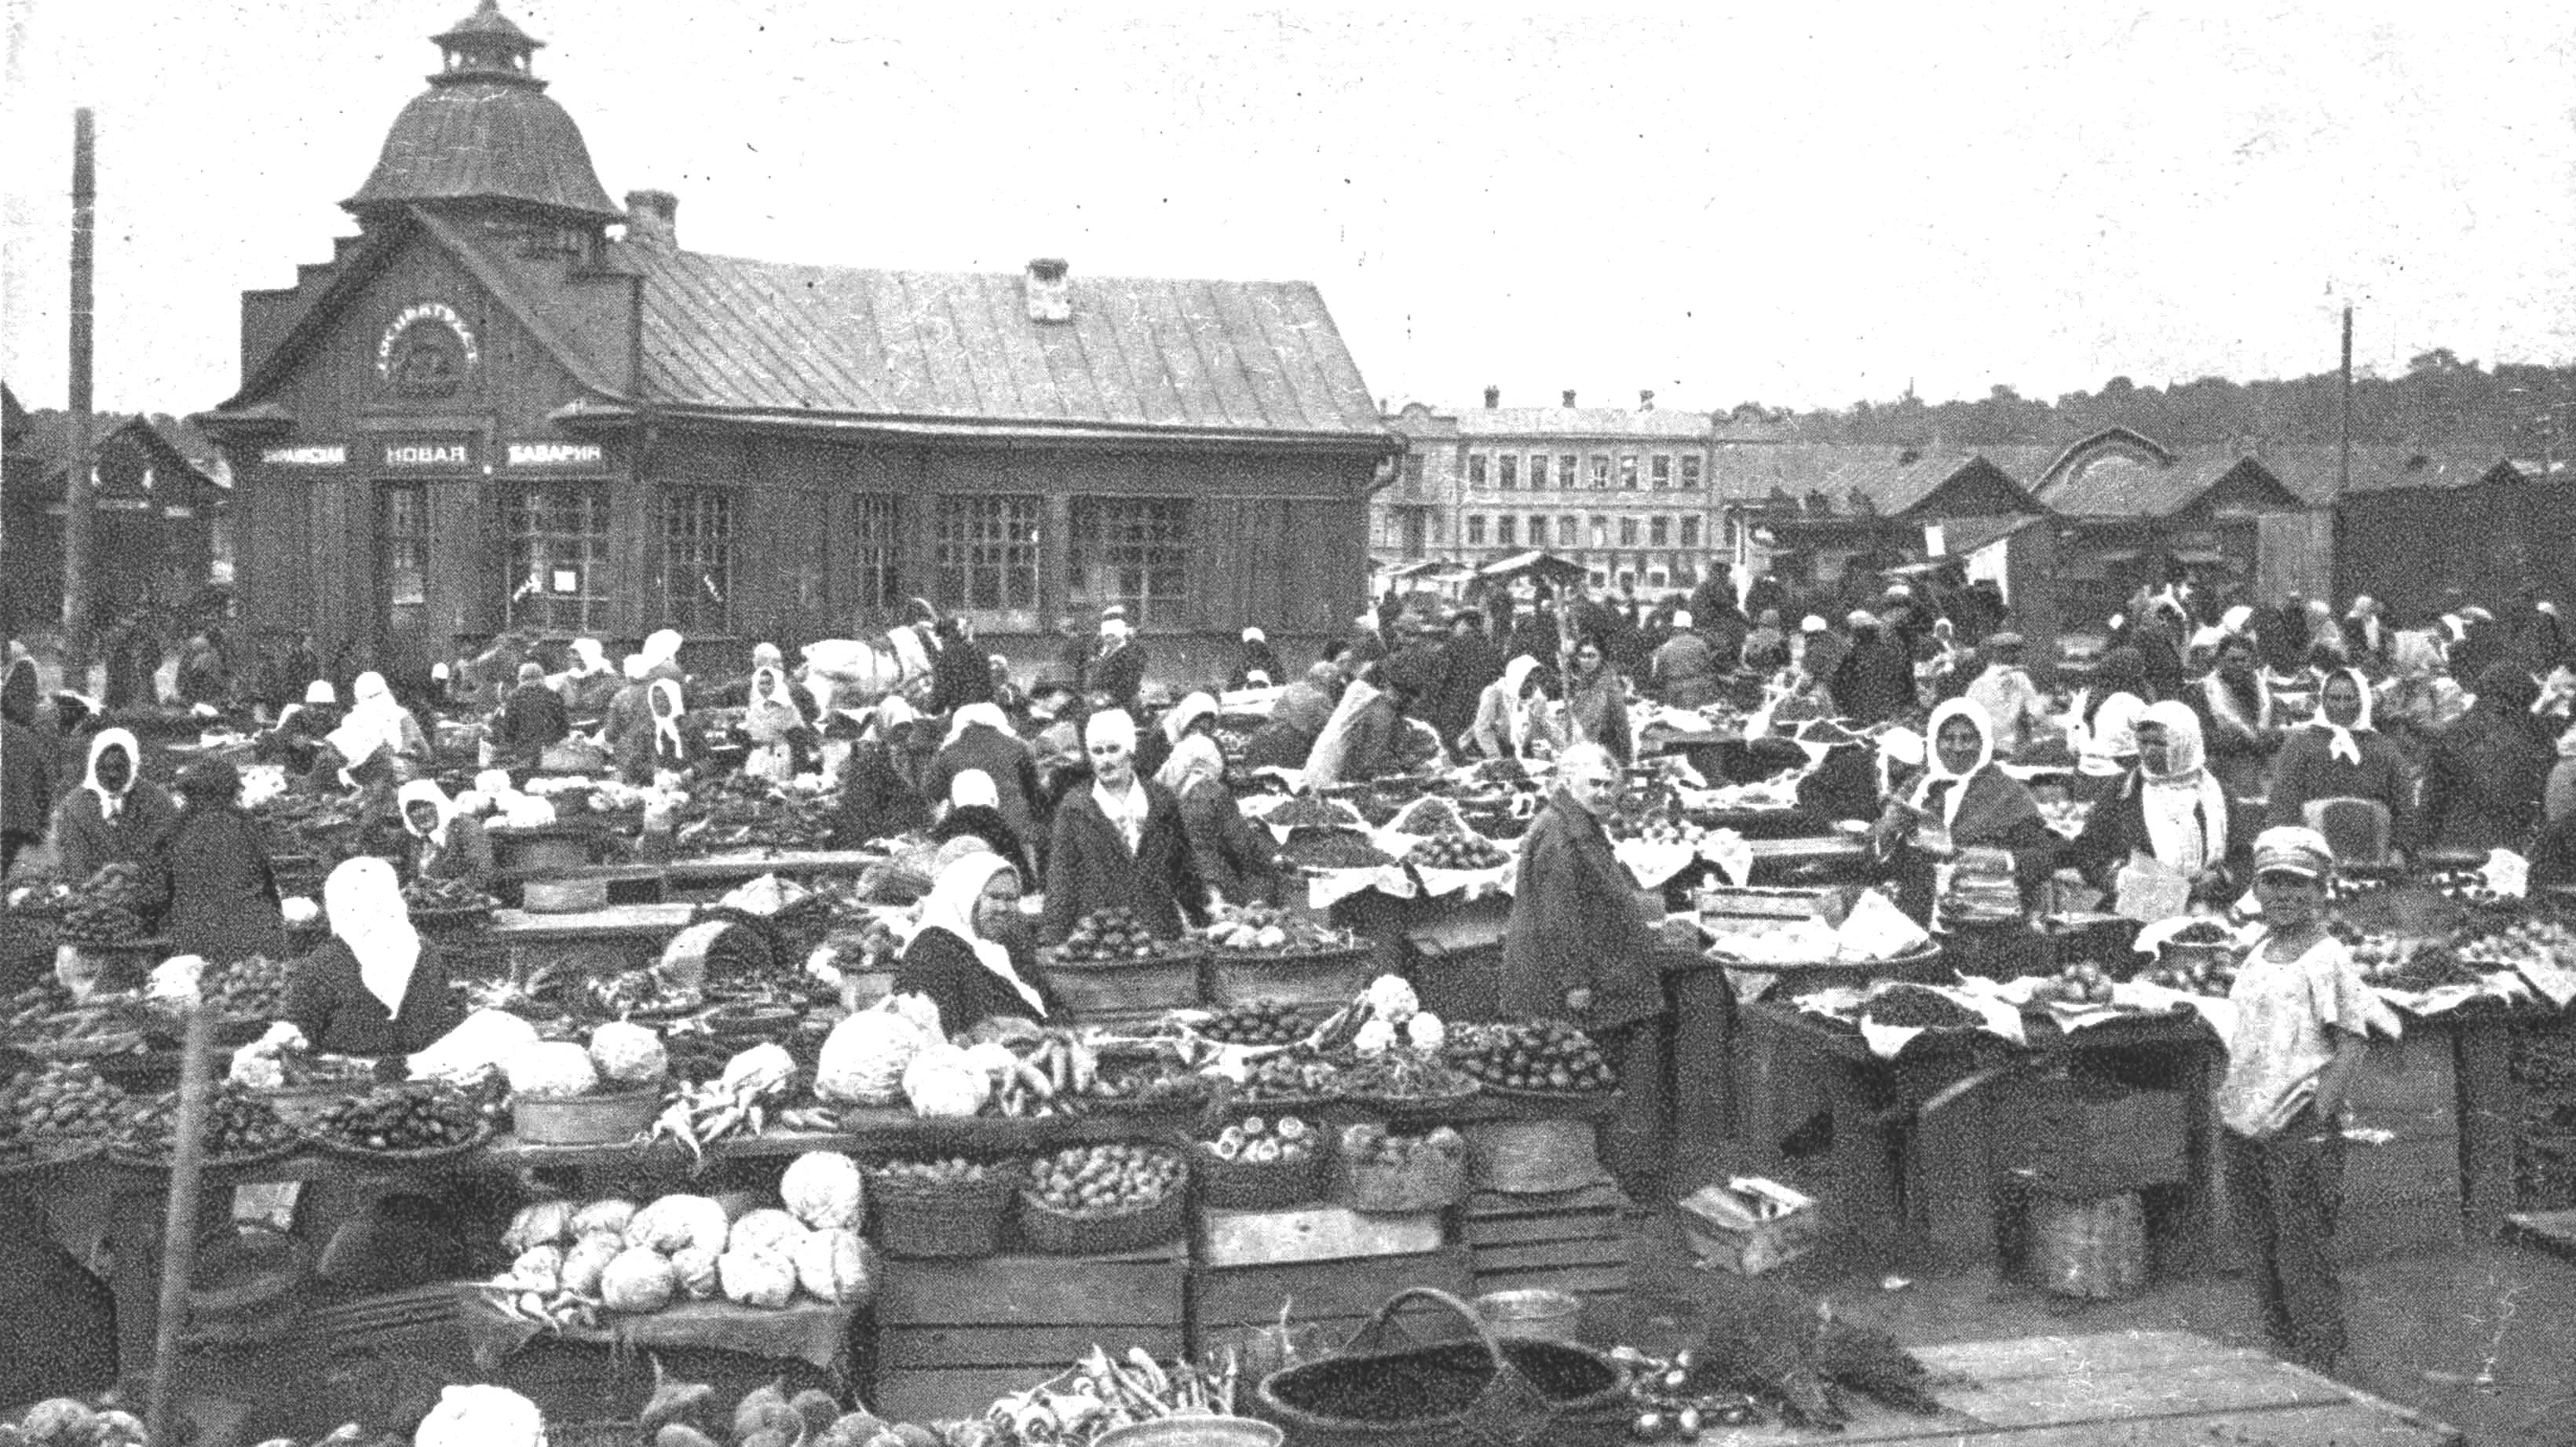 Конный, Благовещенский, Сумской: история появления главных рынков города фото